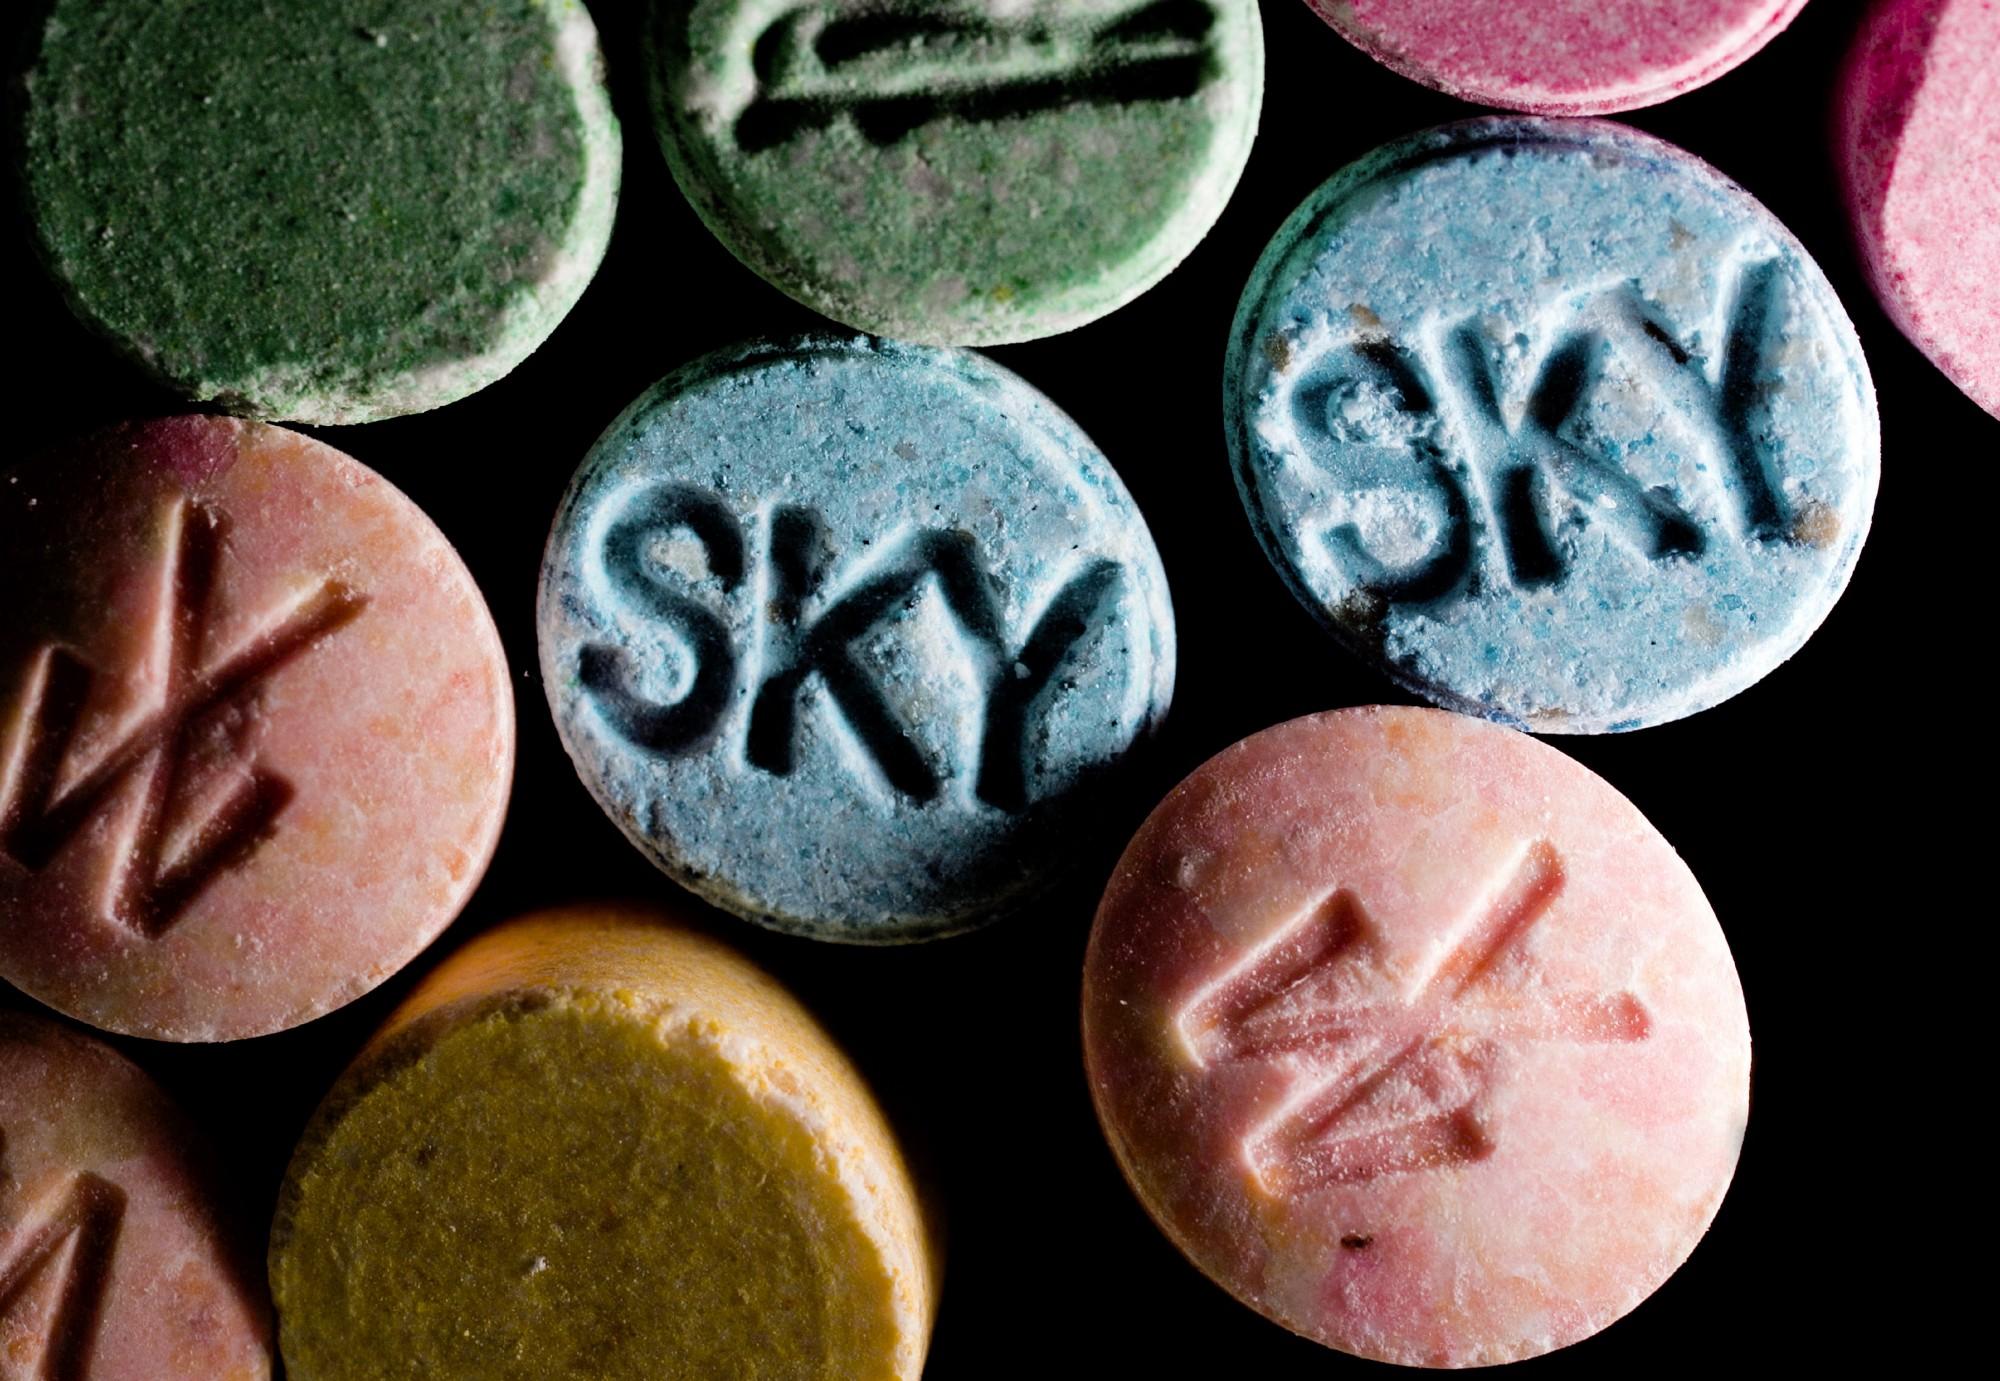 Methylenedioxymethamphetamine (MDMA) in pill form. (Getty Images)